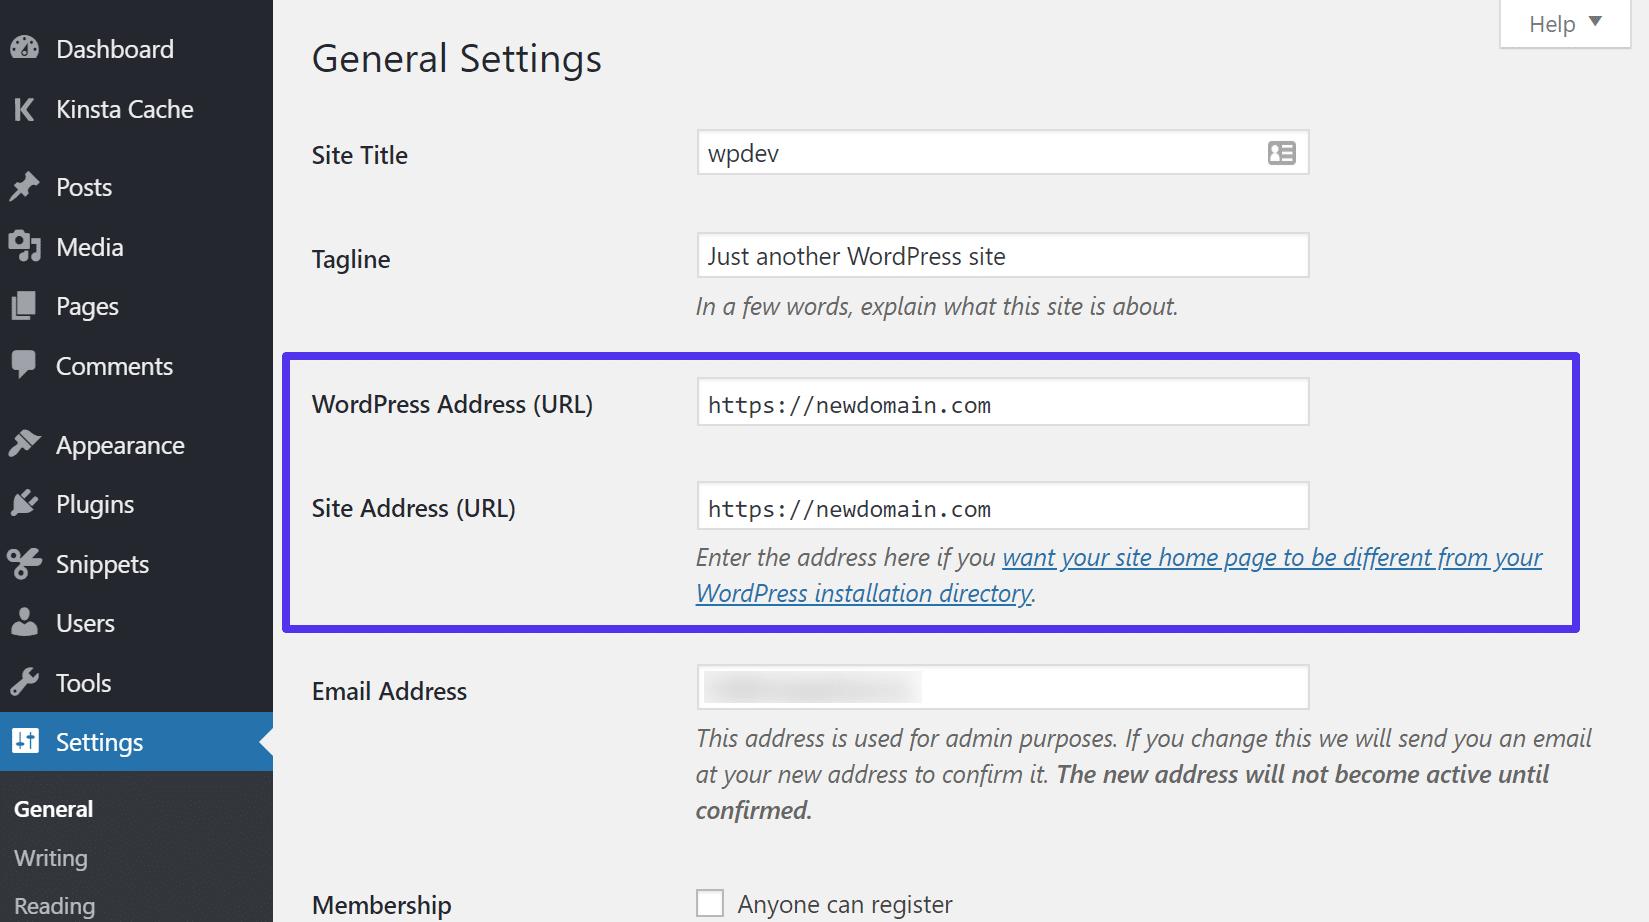 Aggiornare l'indirizzo di WordPress e l'URL del sito